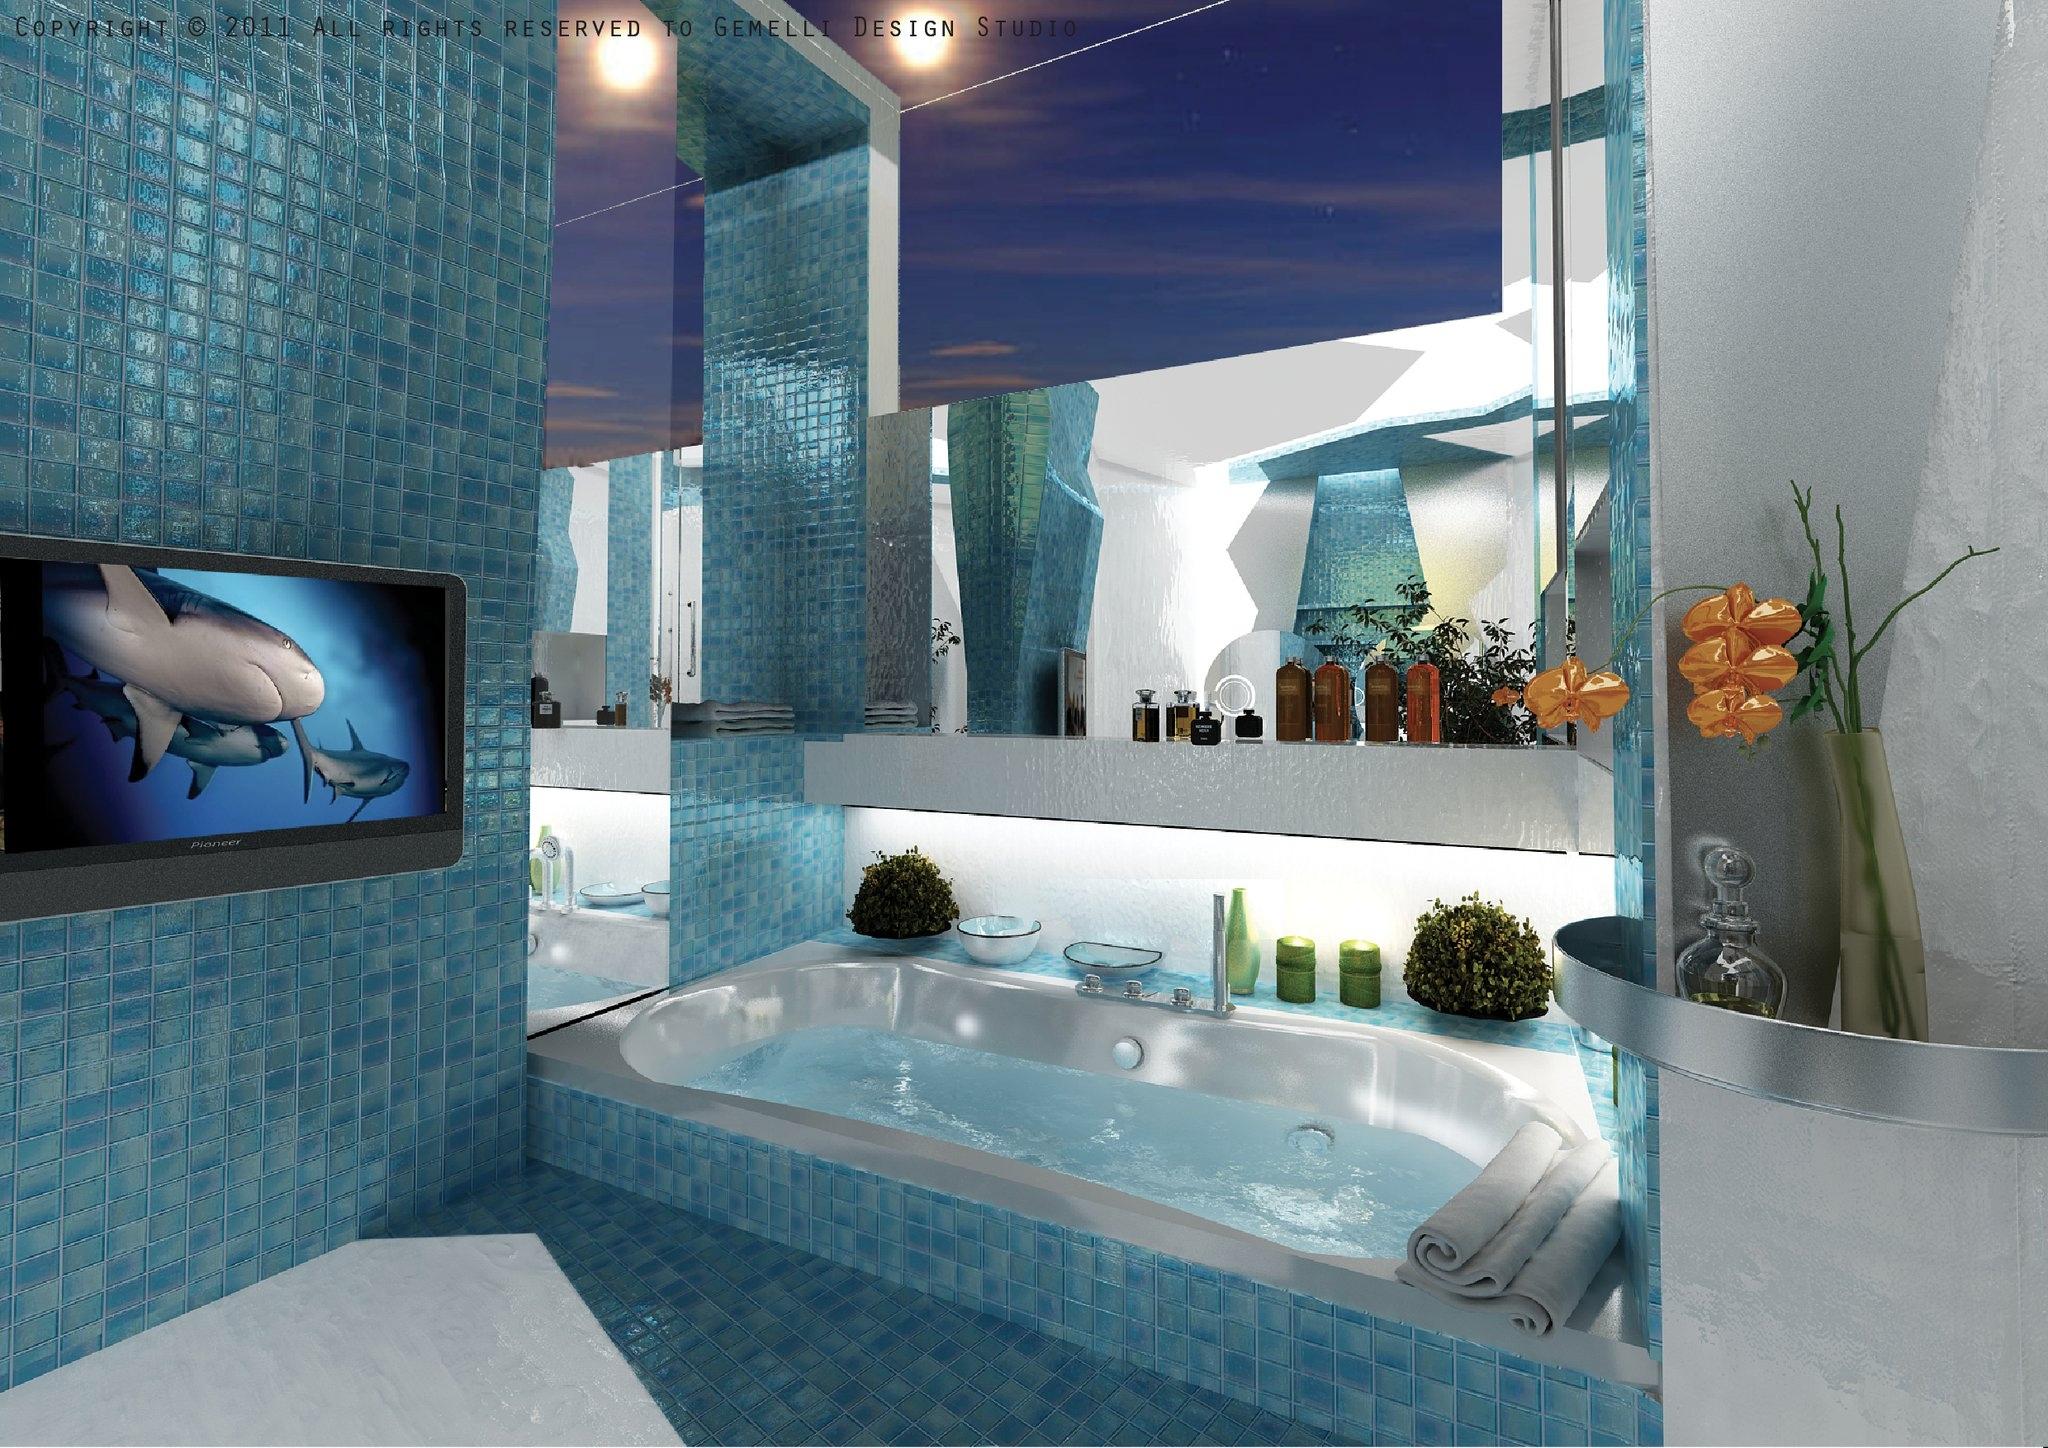 بالصور اشكال سيراميك حمامات , تصميمات مختلفه وجميله للسيراميك 4028 3